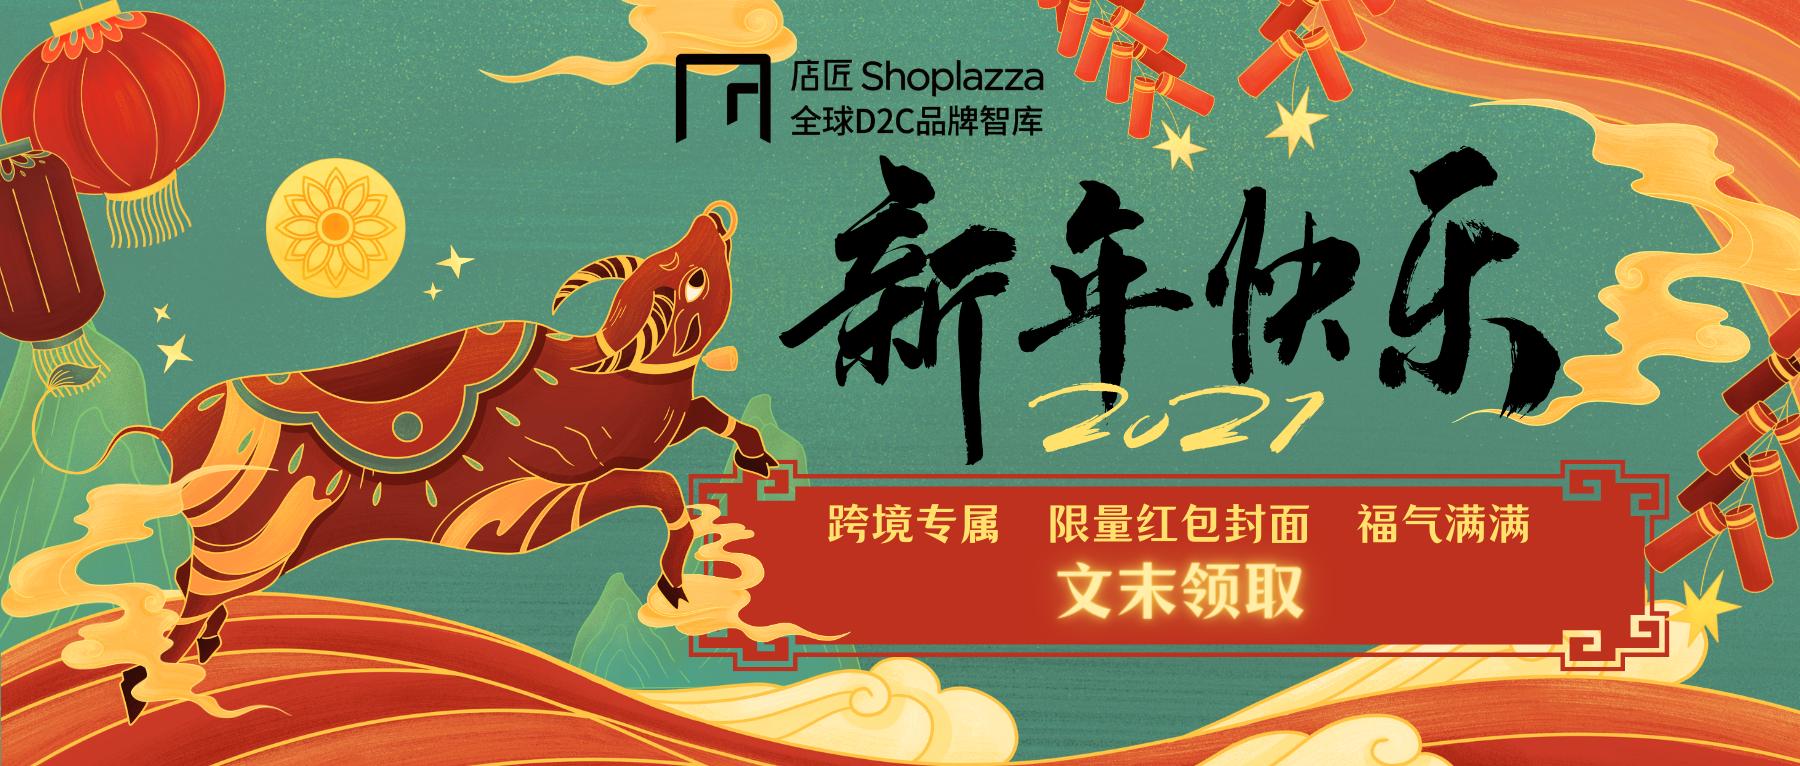 店匠Shoplazza新春文案